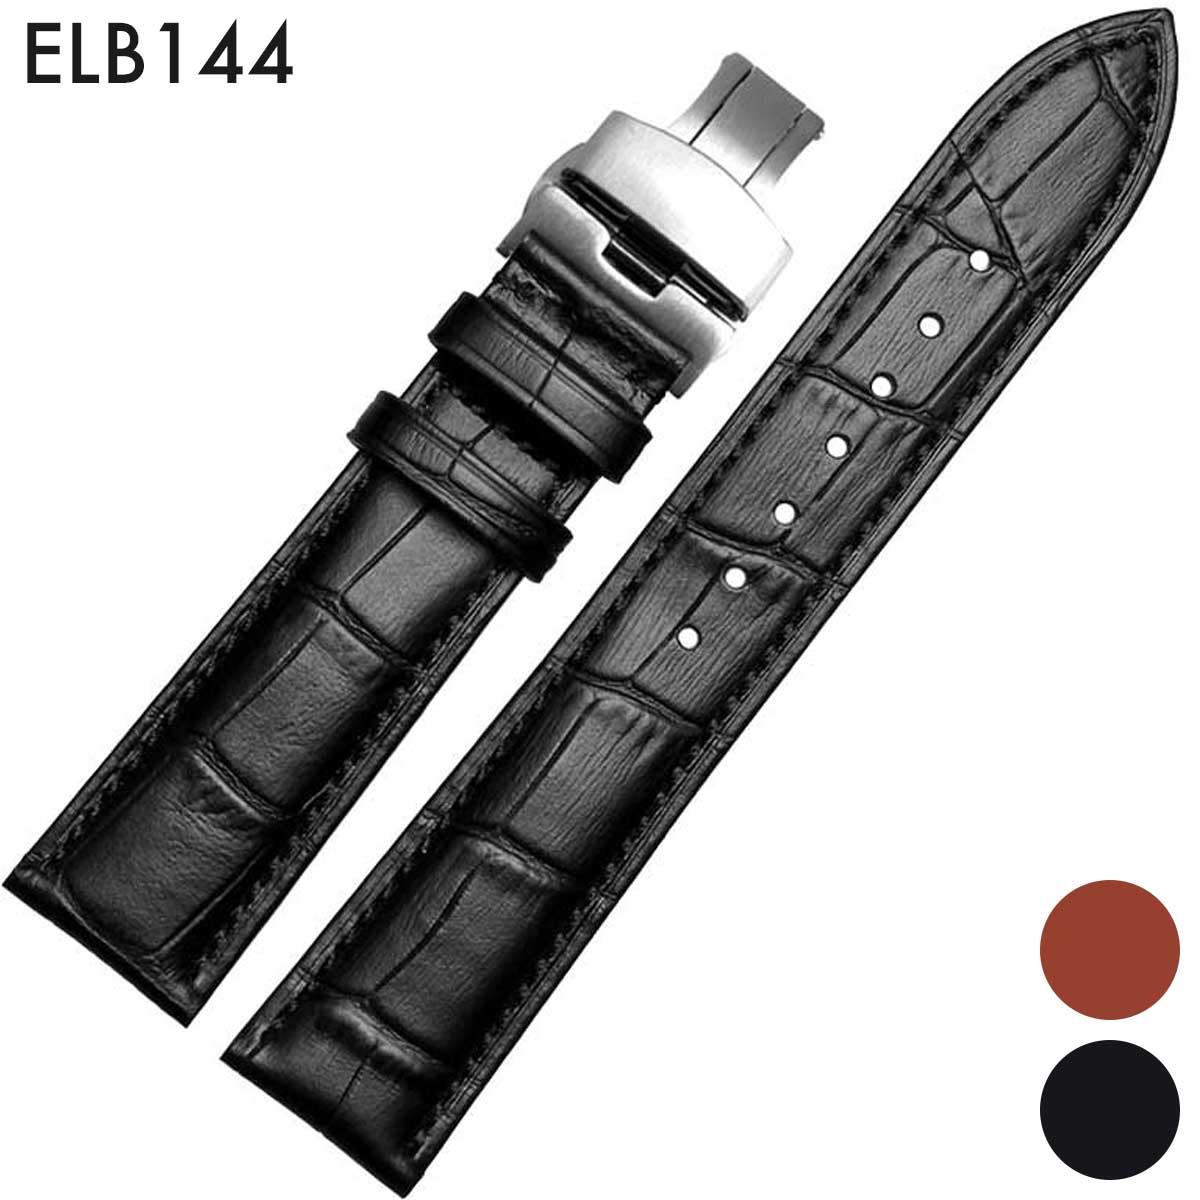 腕時計用アクセサリー, 腕時計用ベルト・バンド  18mm19mm20mm21mm22mm : LONGINES MIDO SEIKO TISSOT ()D Eight - ELB144